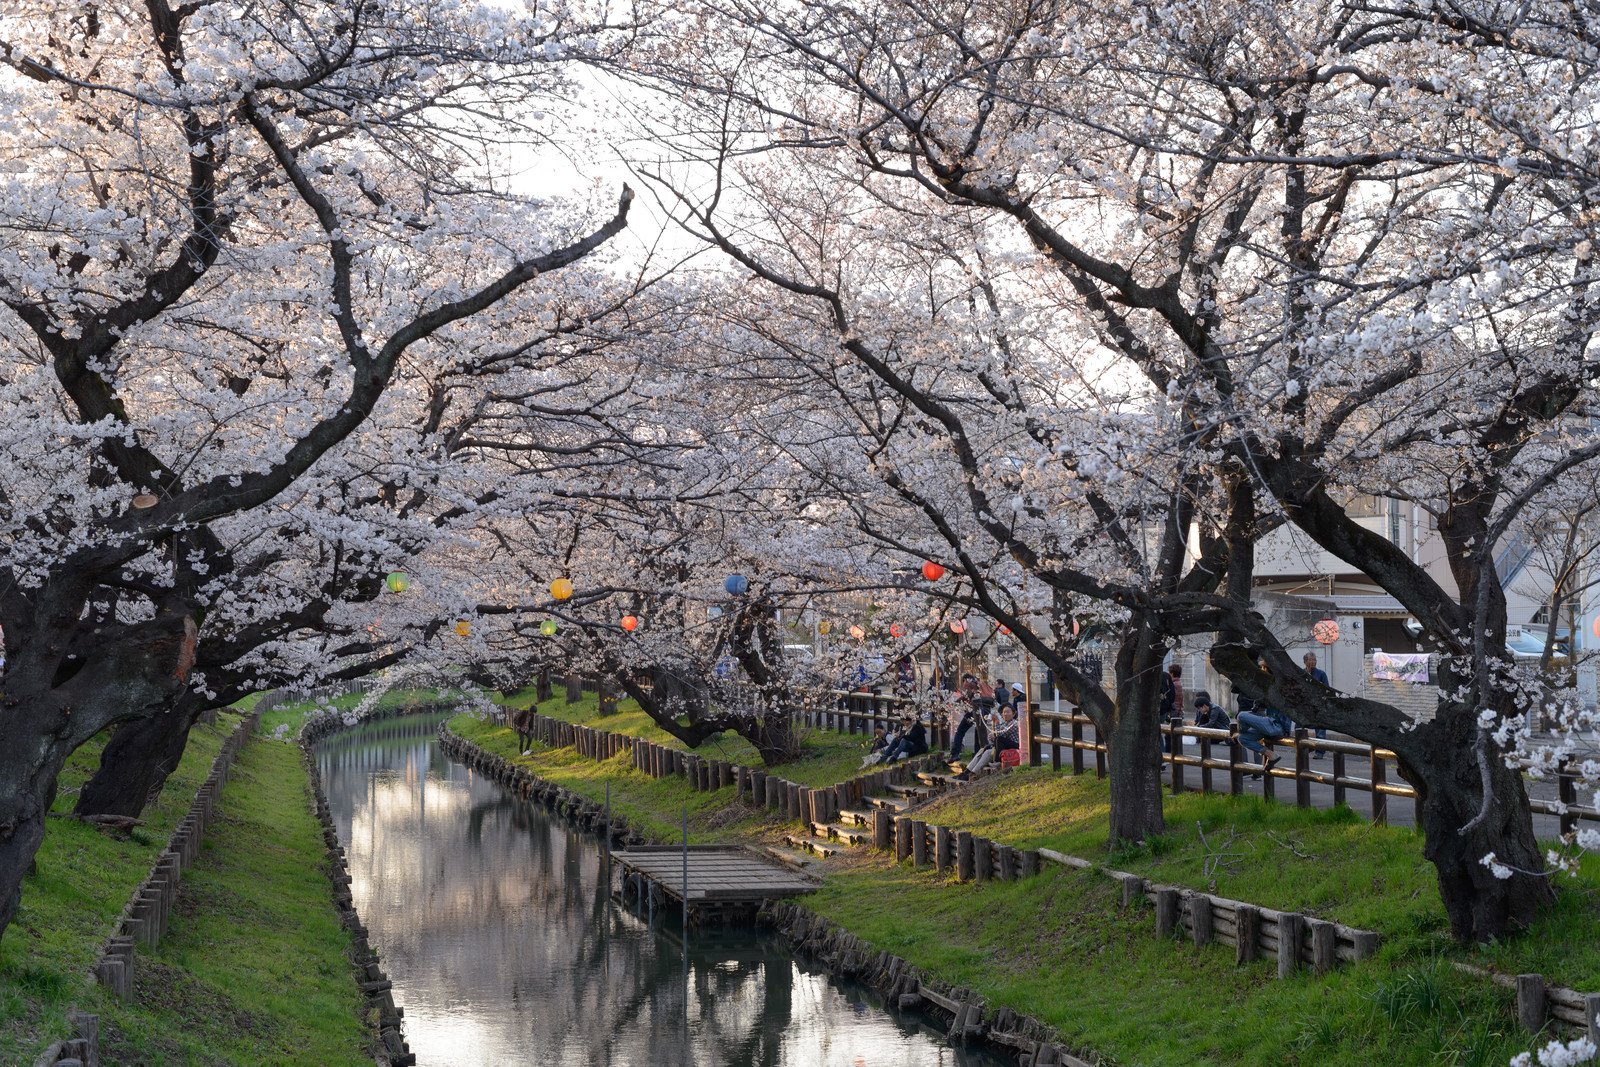 「新河岸川の桜並木(埼玉県川越市氷川町)」の写真